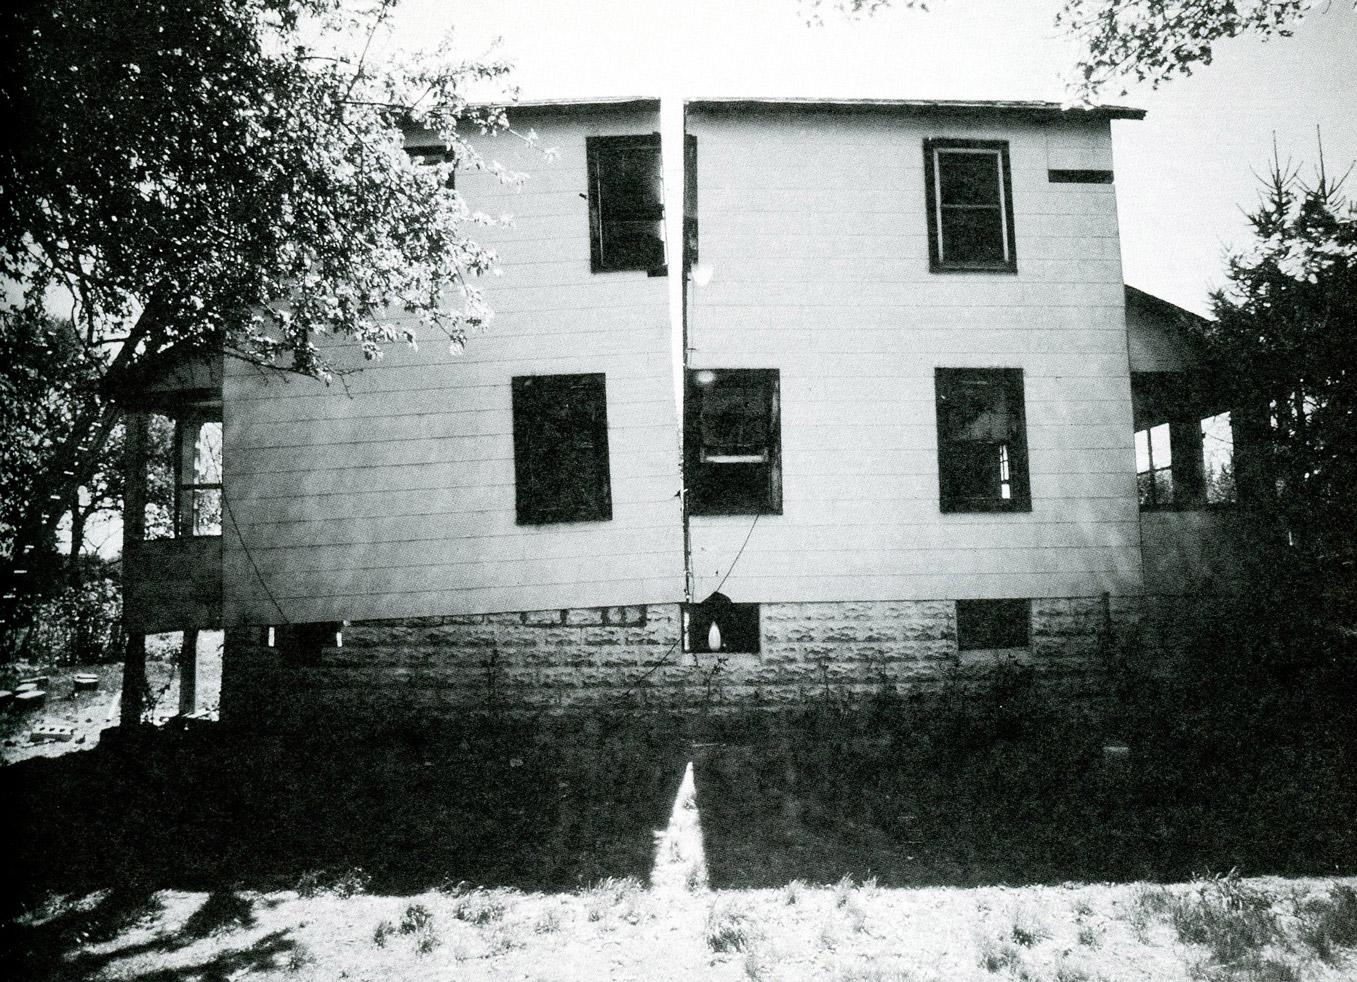 Vista de la exposición Gordon Matta-Clark: Proyectos anarquitectónicos, Museo Tamayo, 2003